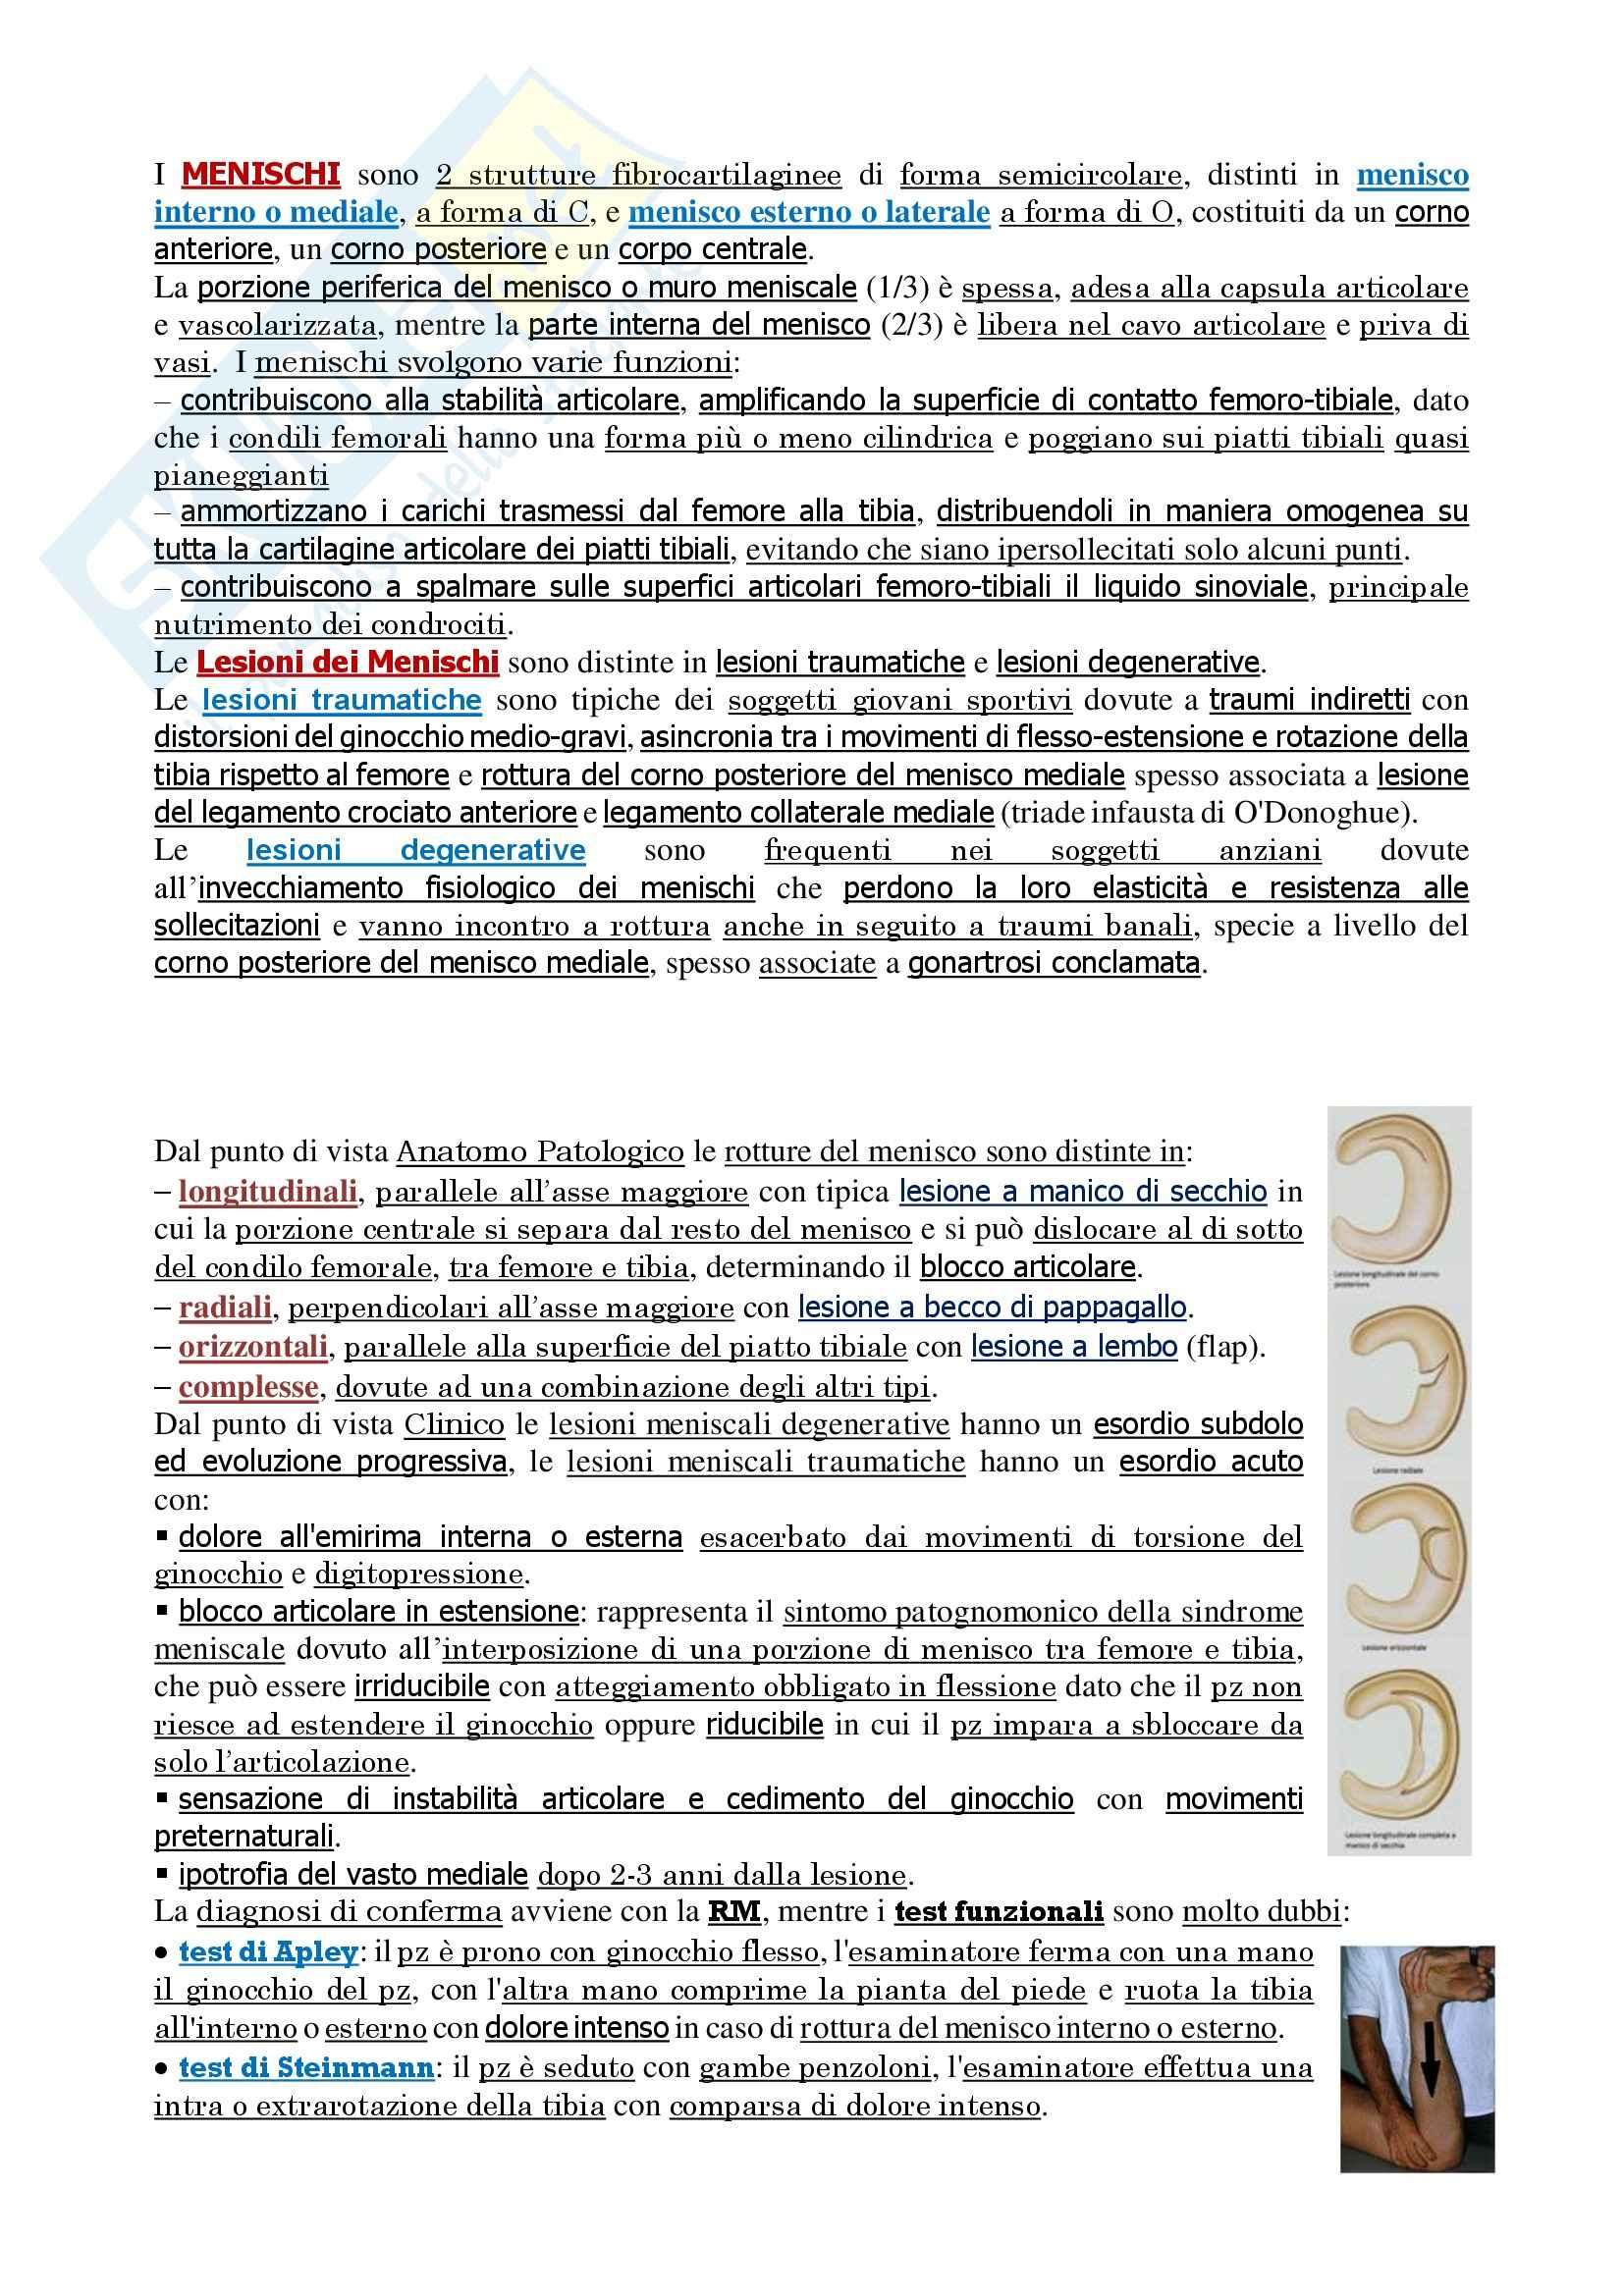 Malattie dell'apparato locomotore - Corso completo Pag. 91